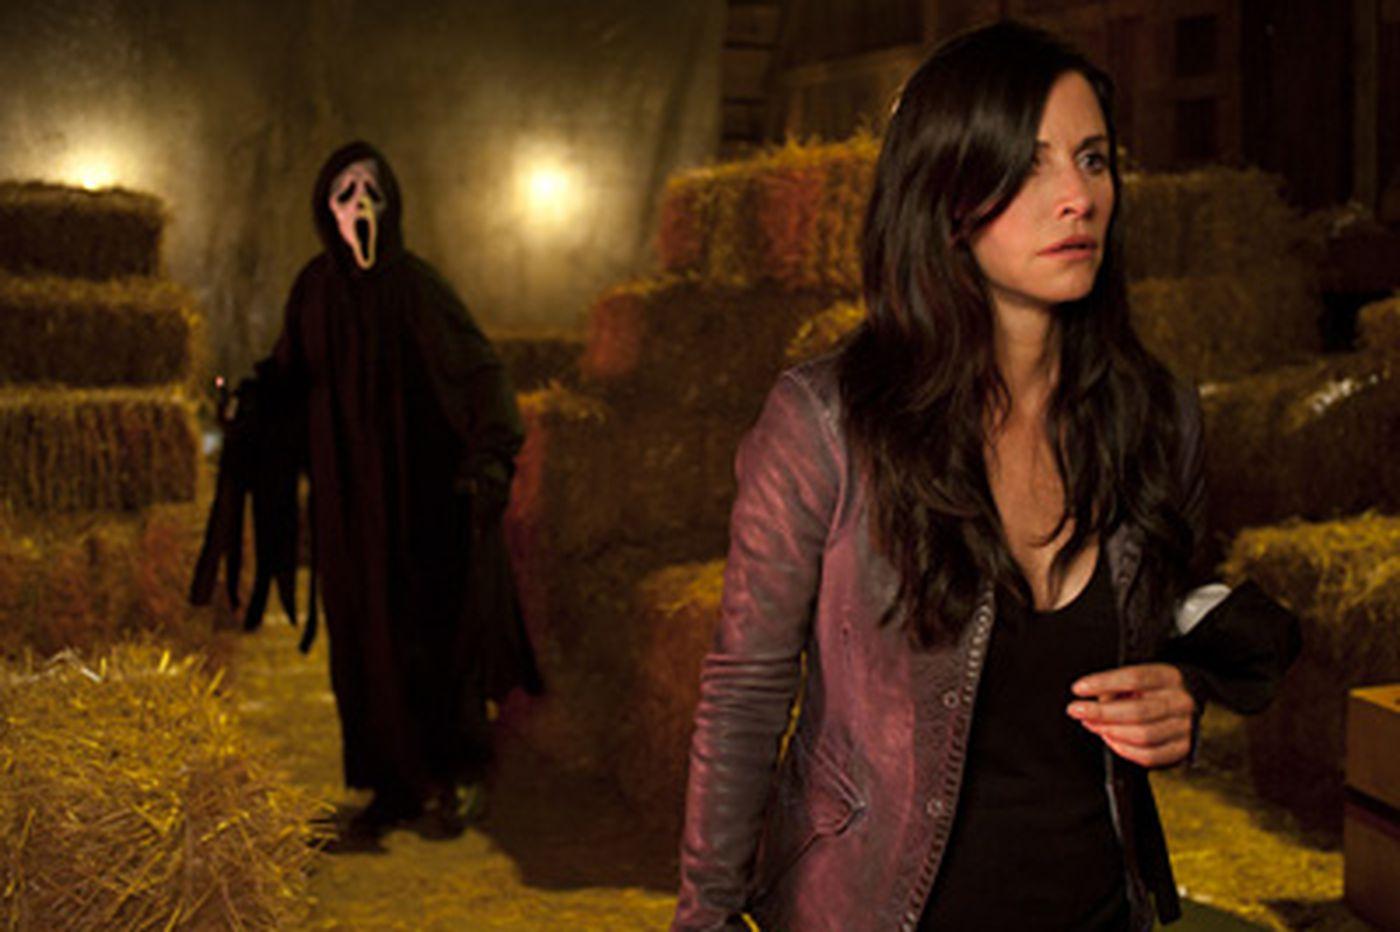 'Scream 4': Ghostface is back again, seeking fresh blood